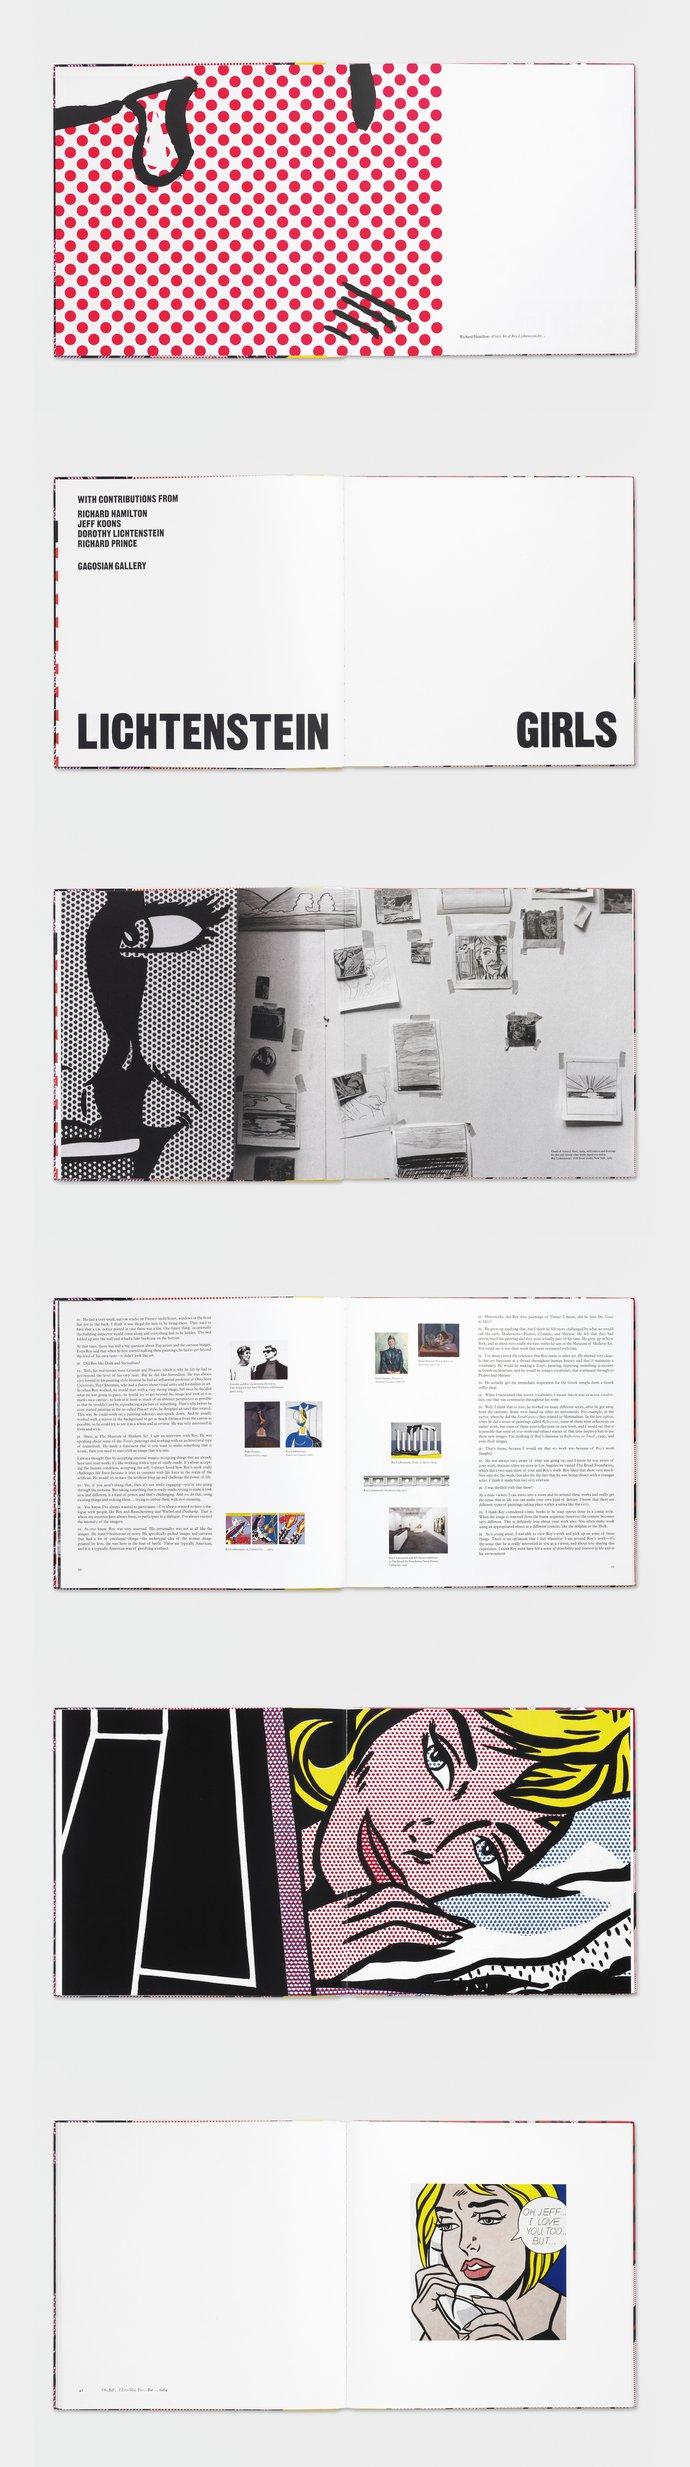 Gagosian – Roy Lichtenstein: Girls, 2008 (Publication), image 2